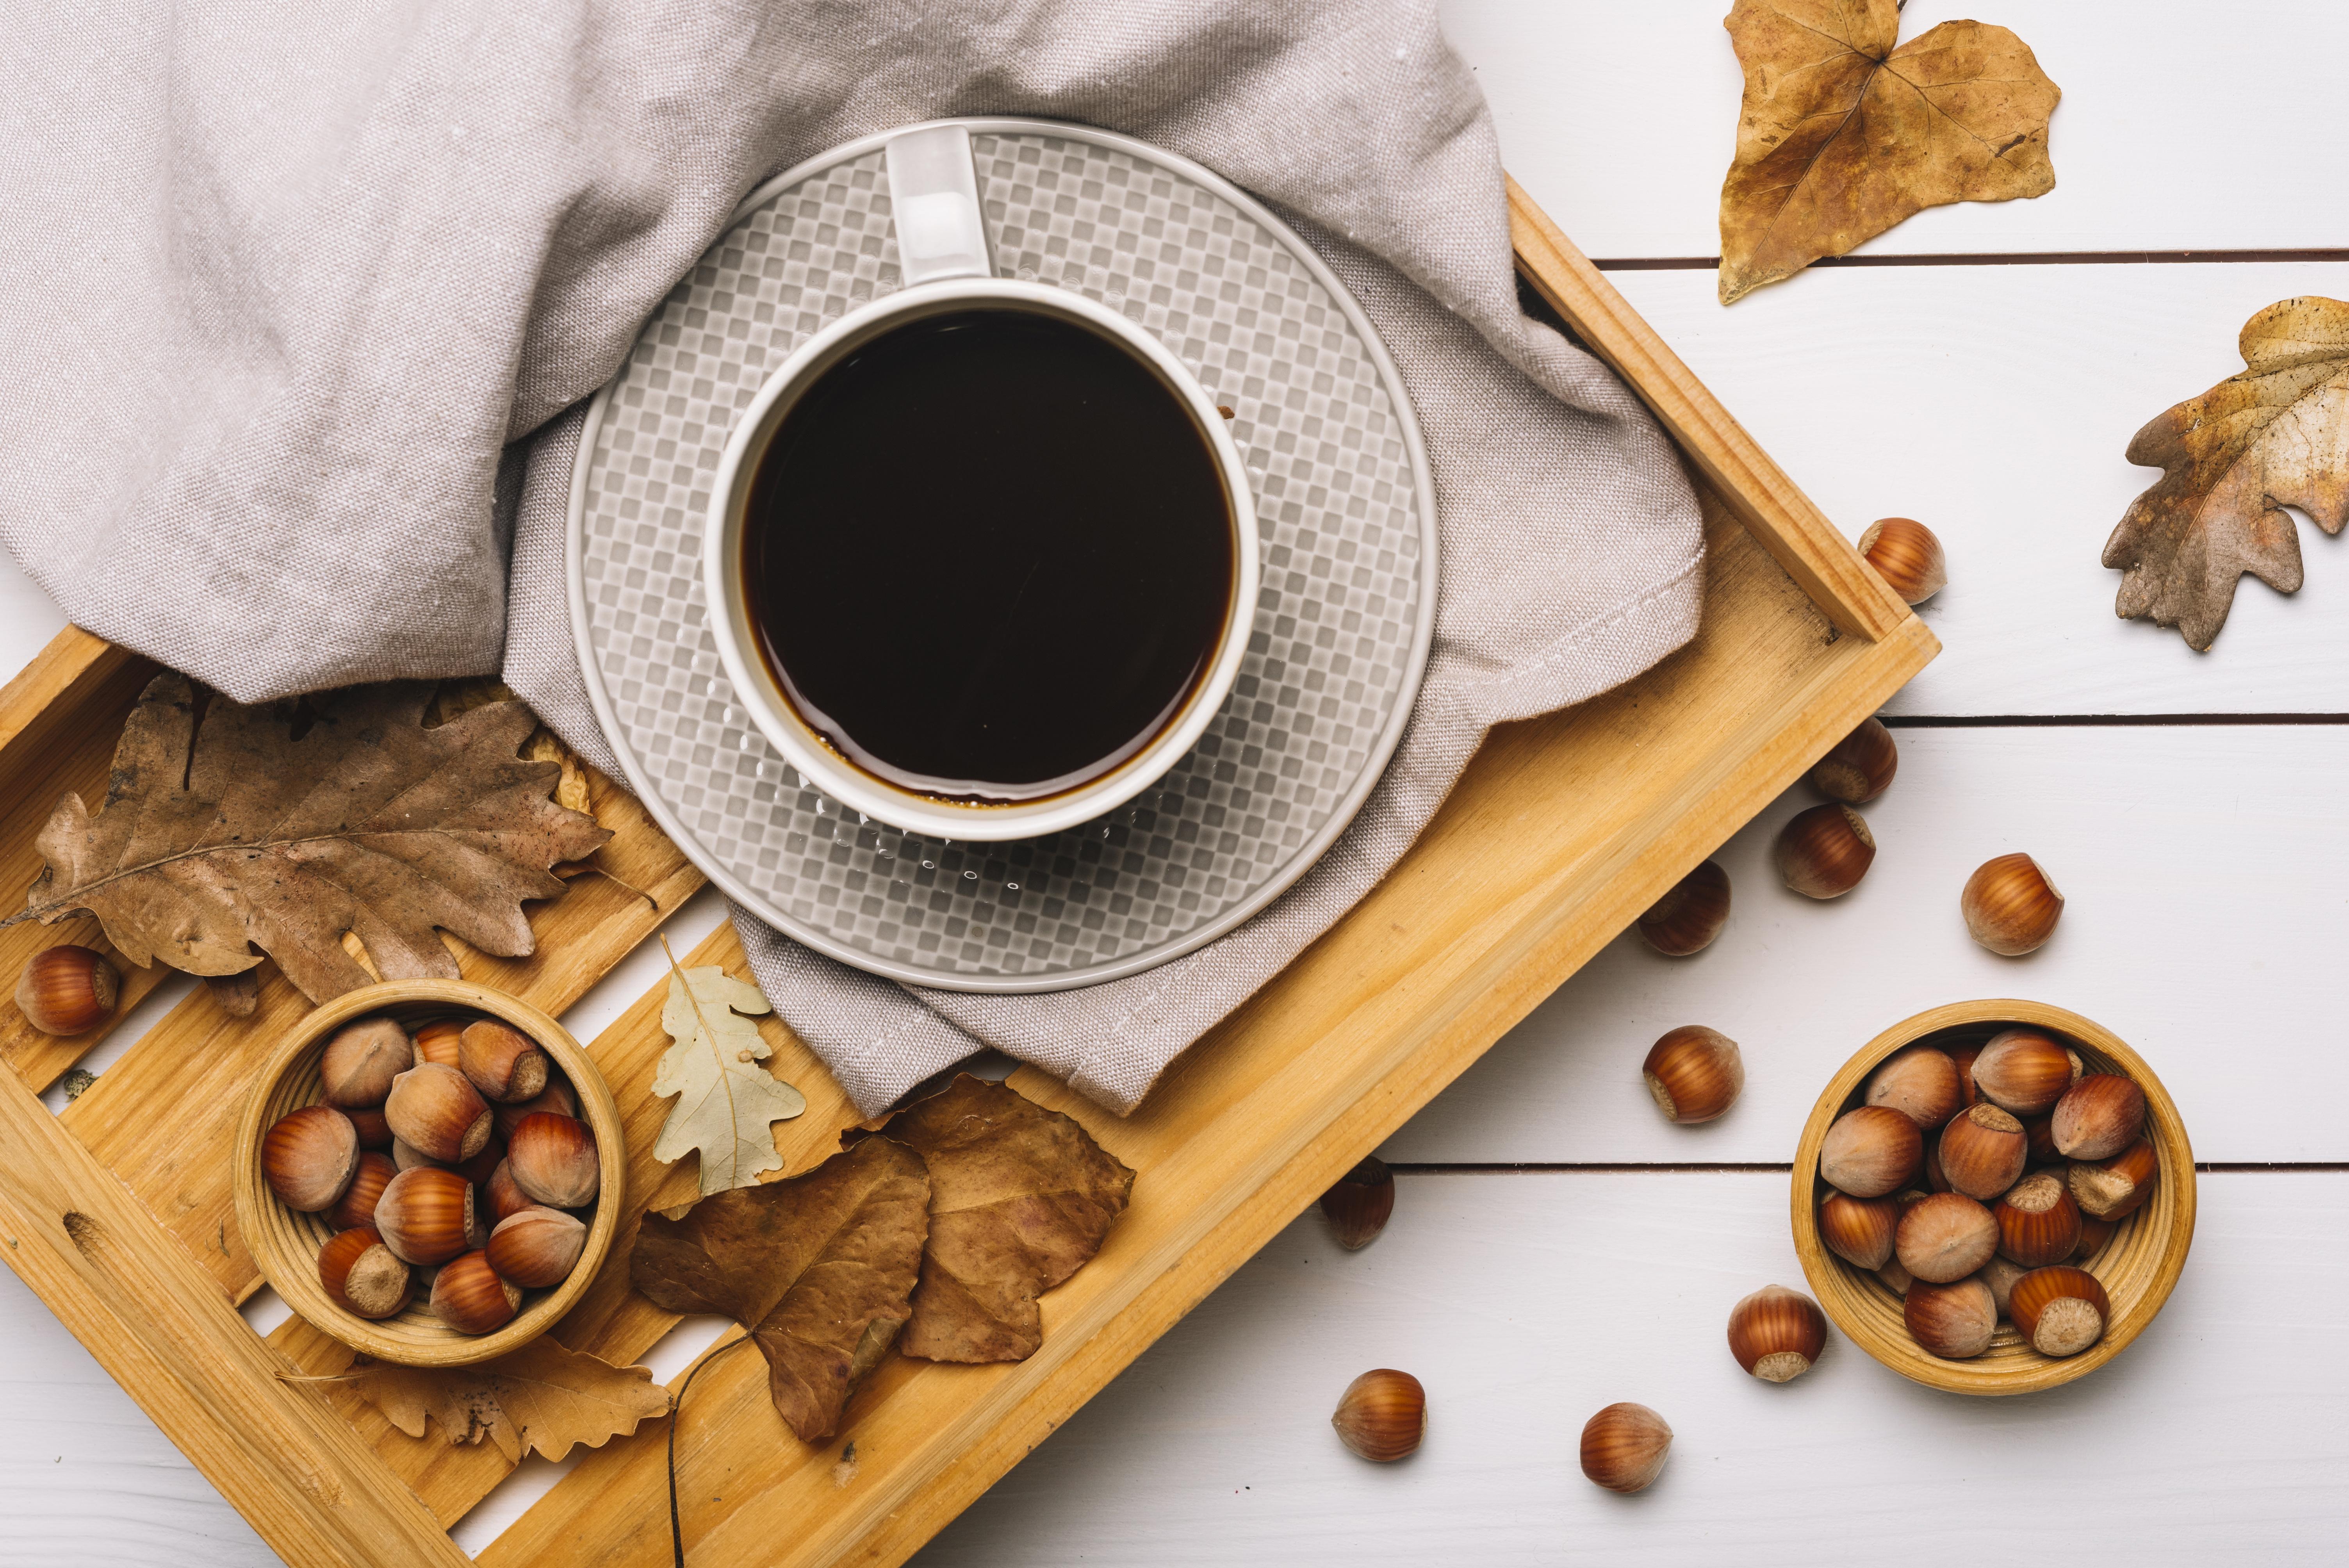 кофе с орехами картинка